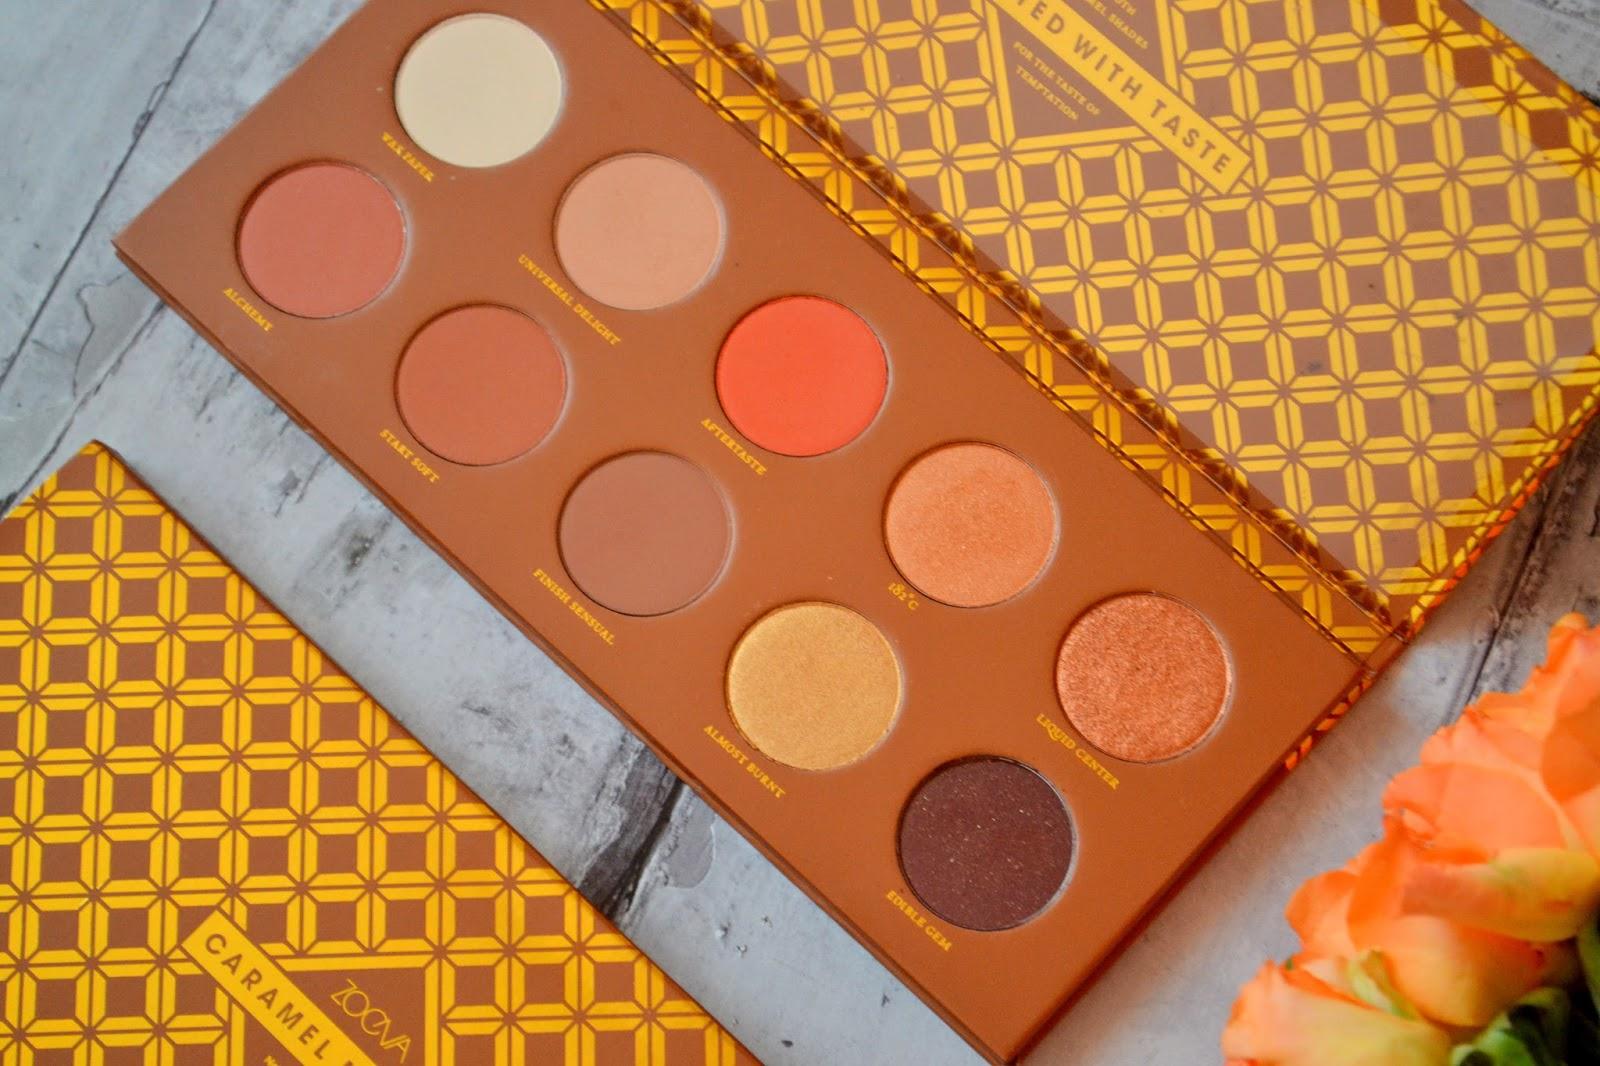 Caramel melange zoeva, najlepsze cienie, paleta cieni, caramel melange makijaż, paleta ciepłych cien swatche